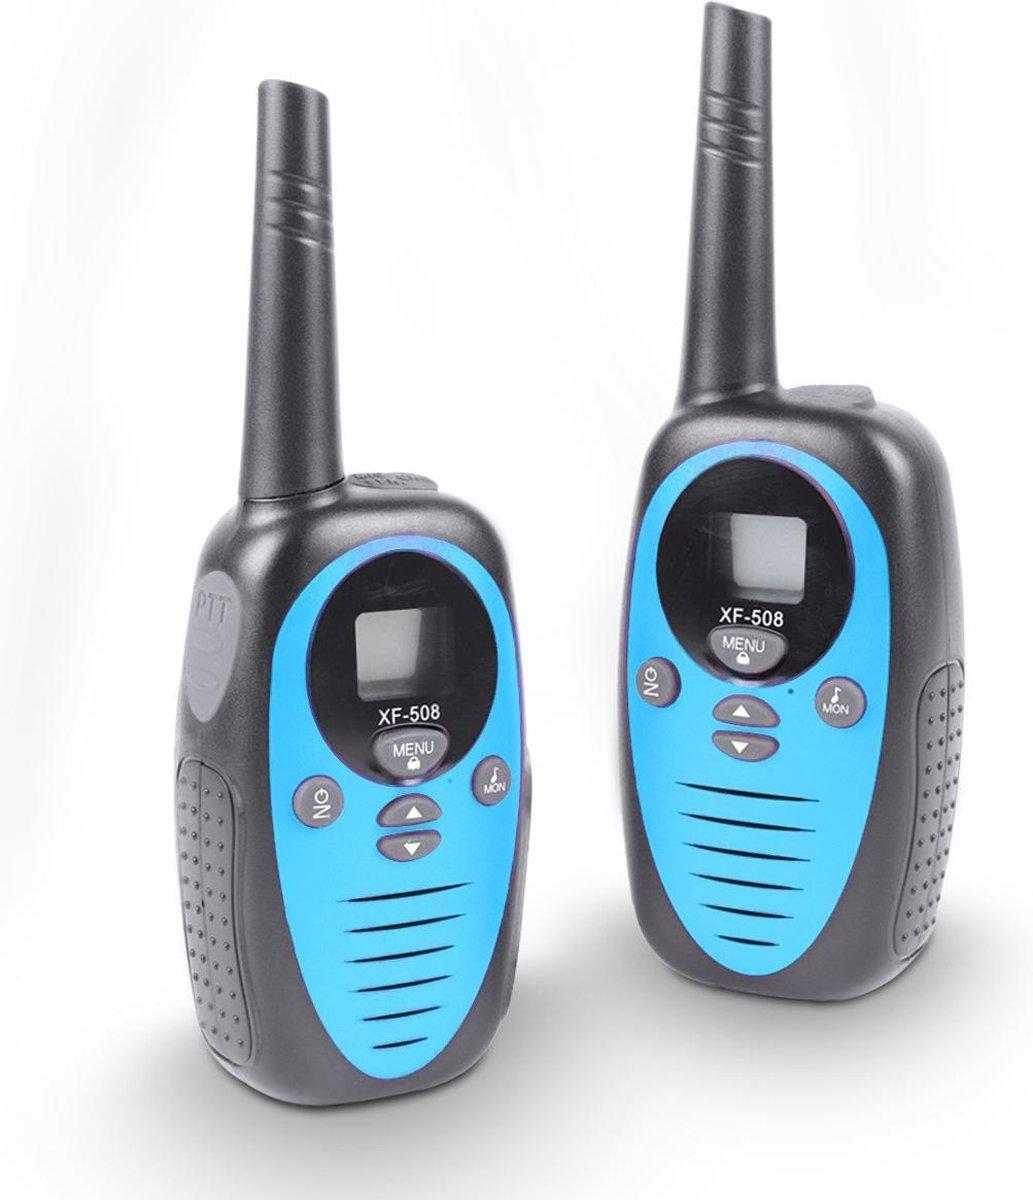 Cammy Talkie - Walkie Talkie voor Kinderen - 2 stuks - 3 km bereik - Verschillende kleuren - Blauw - Inclusief batterijen